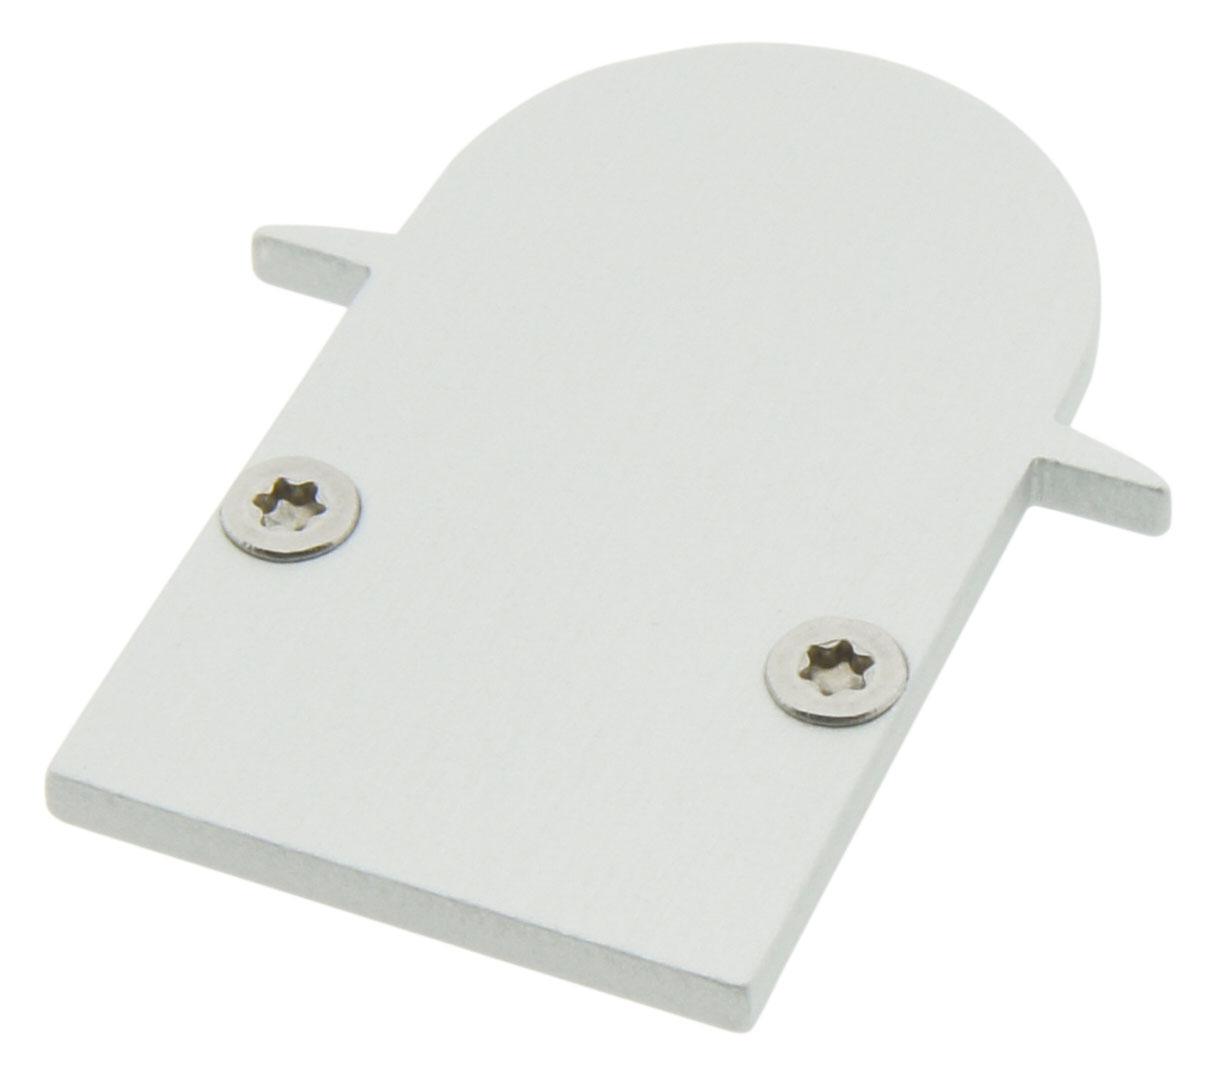 1 Stk Profil Endkappe TBI Rund geschlossen LIEK002310